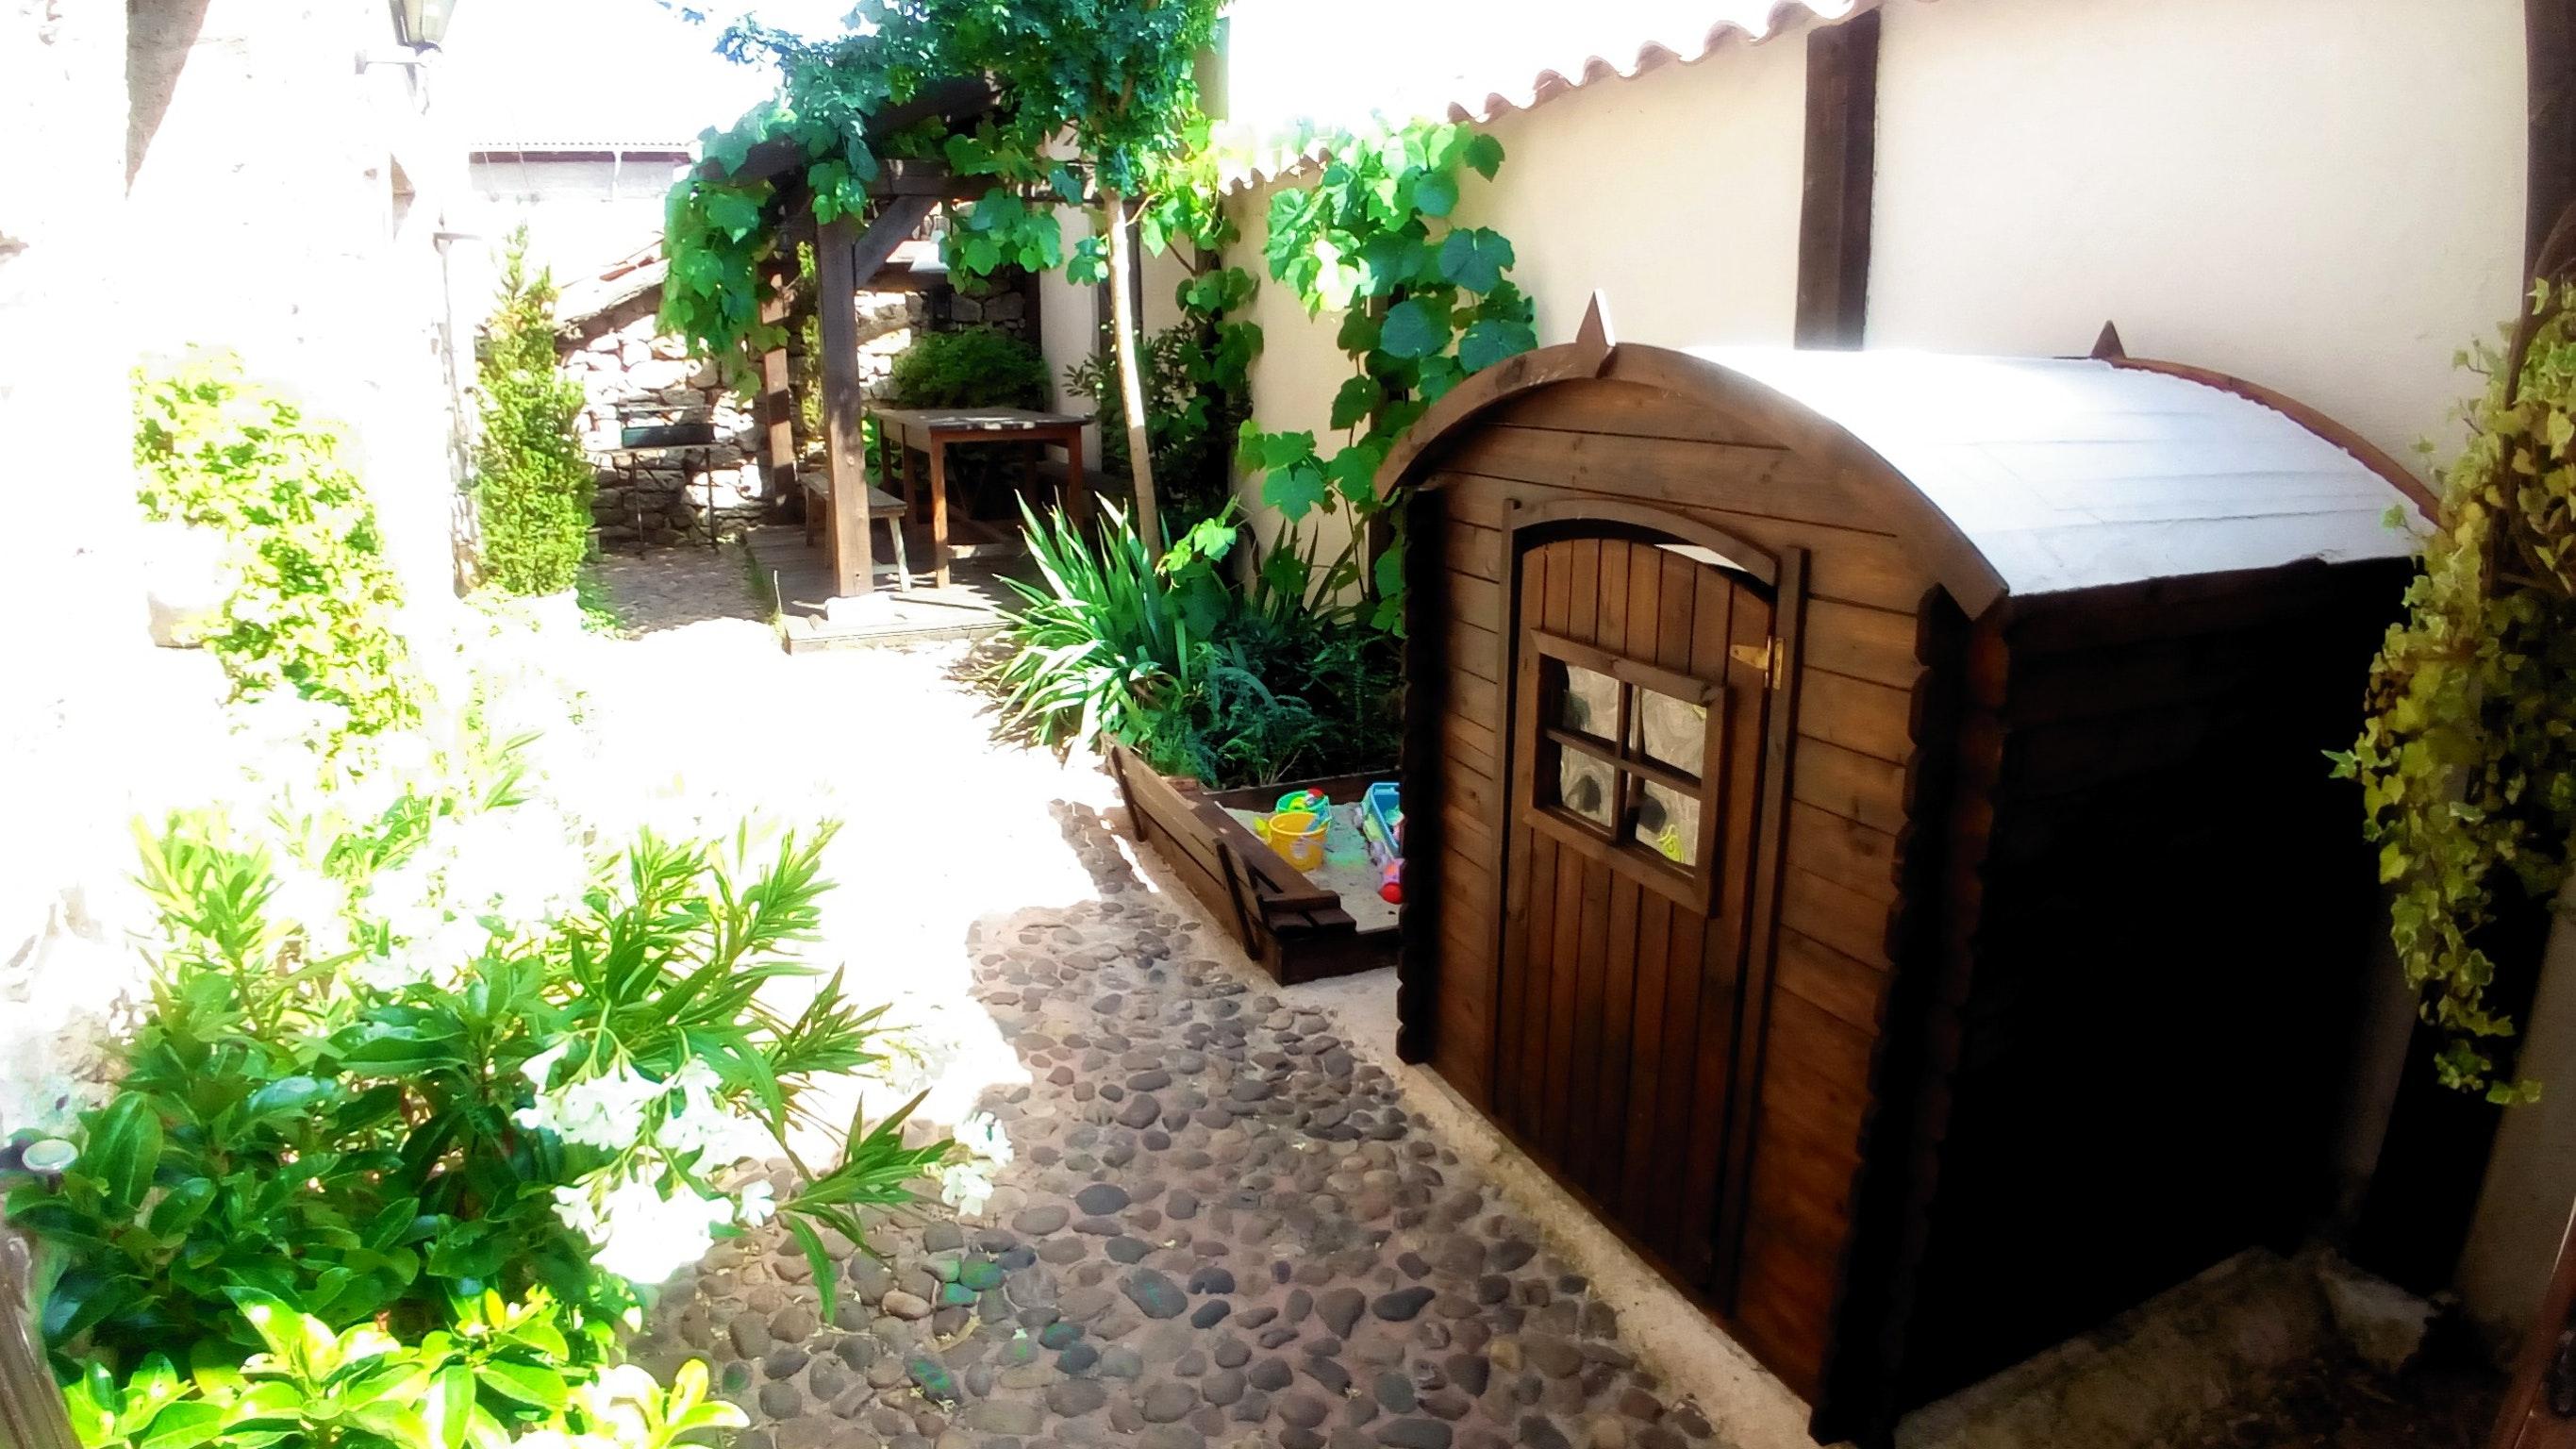 Ferienhaus Haus mit 5 Zimmern in Fuenteodra mit toller Aussicht auf die Berge, eingezäuntem Garten un (2211142), Fuenteodra, Burgos, Kastilien-León, Spanien, Bild 55